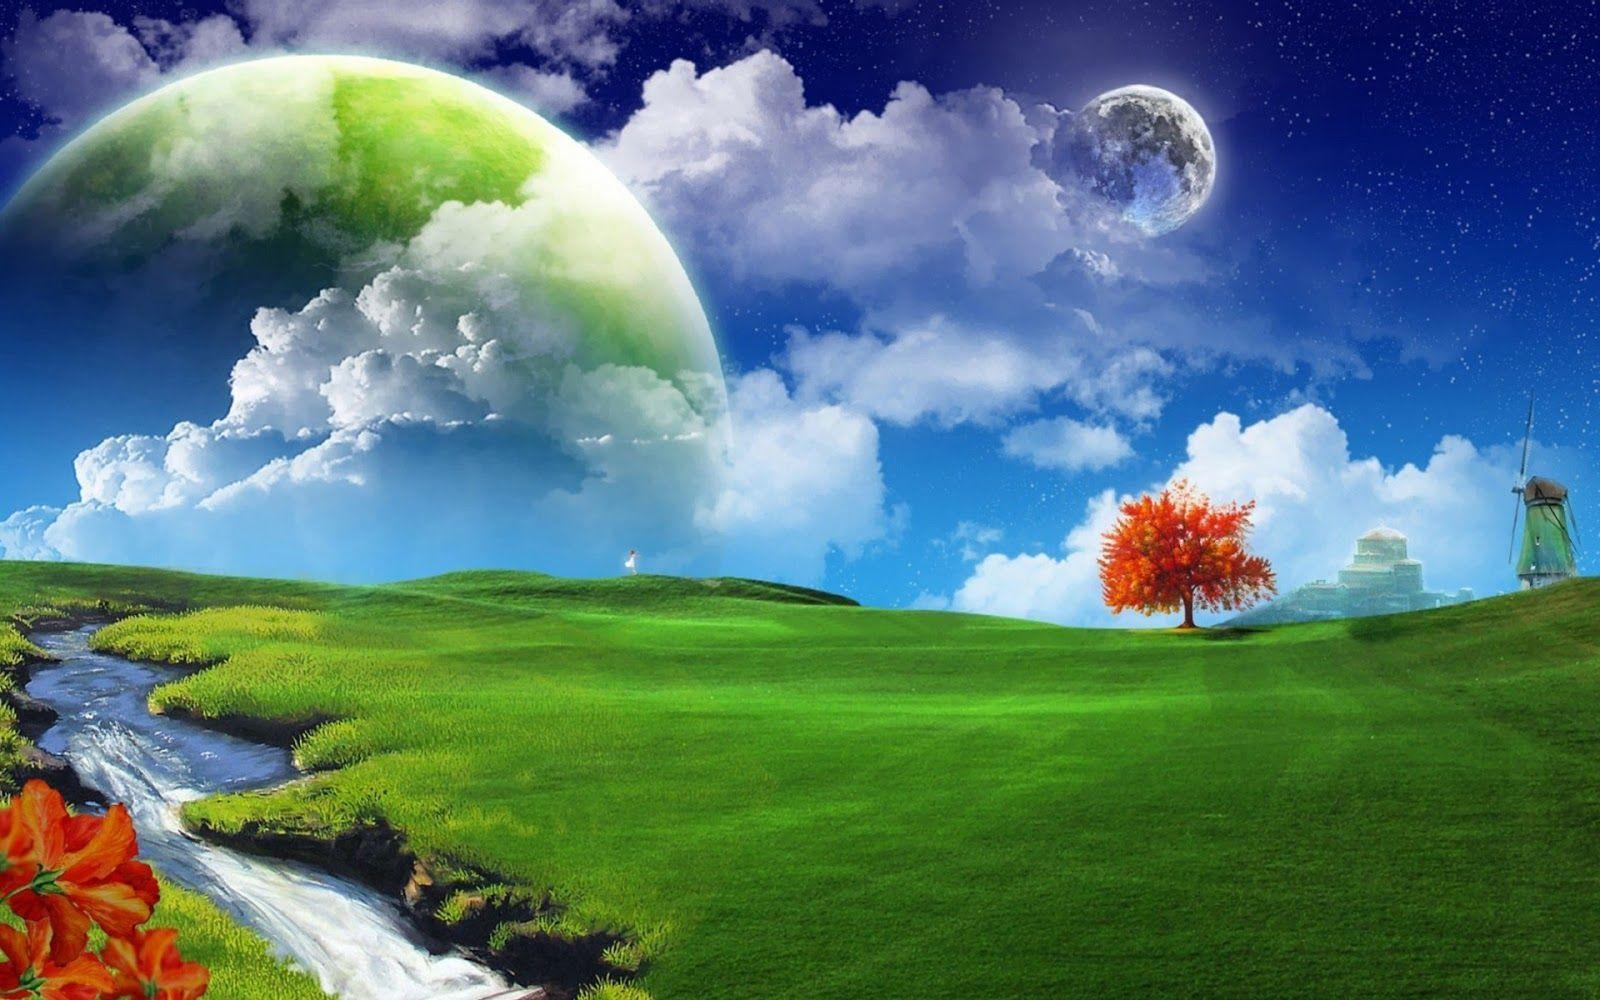 Dreamy Landscape HD Wallpapers | HD WALLPAPERS